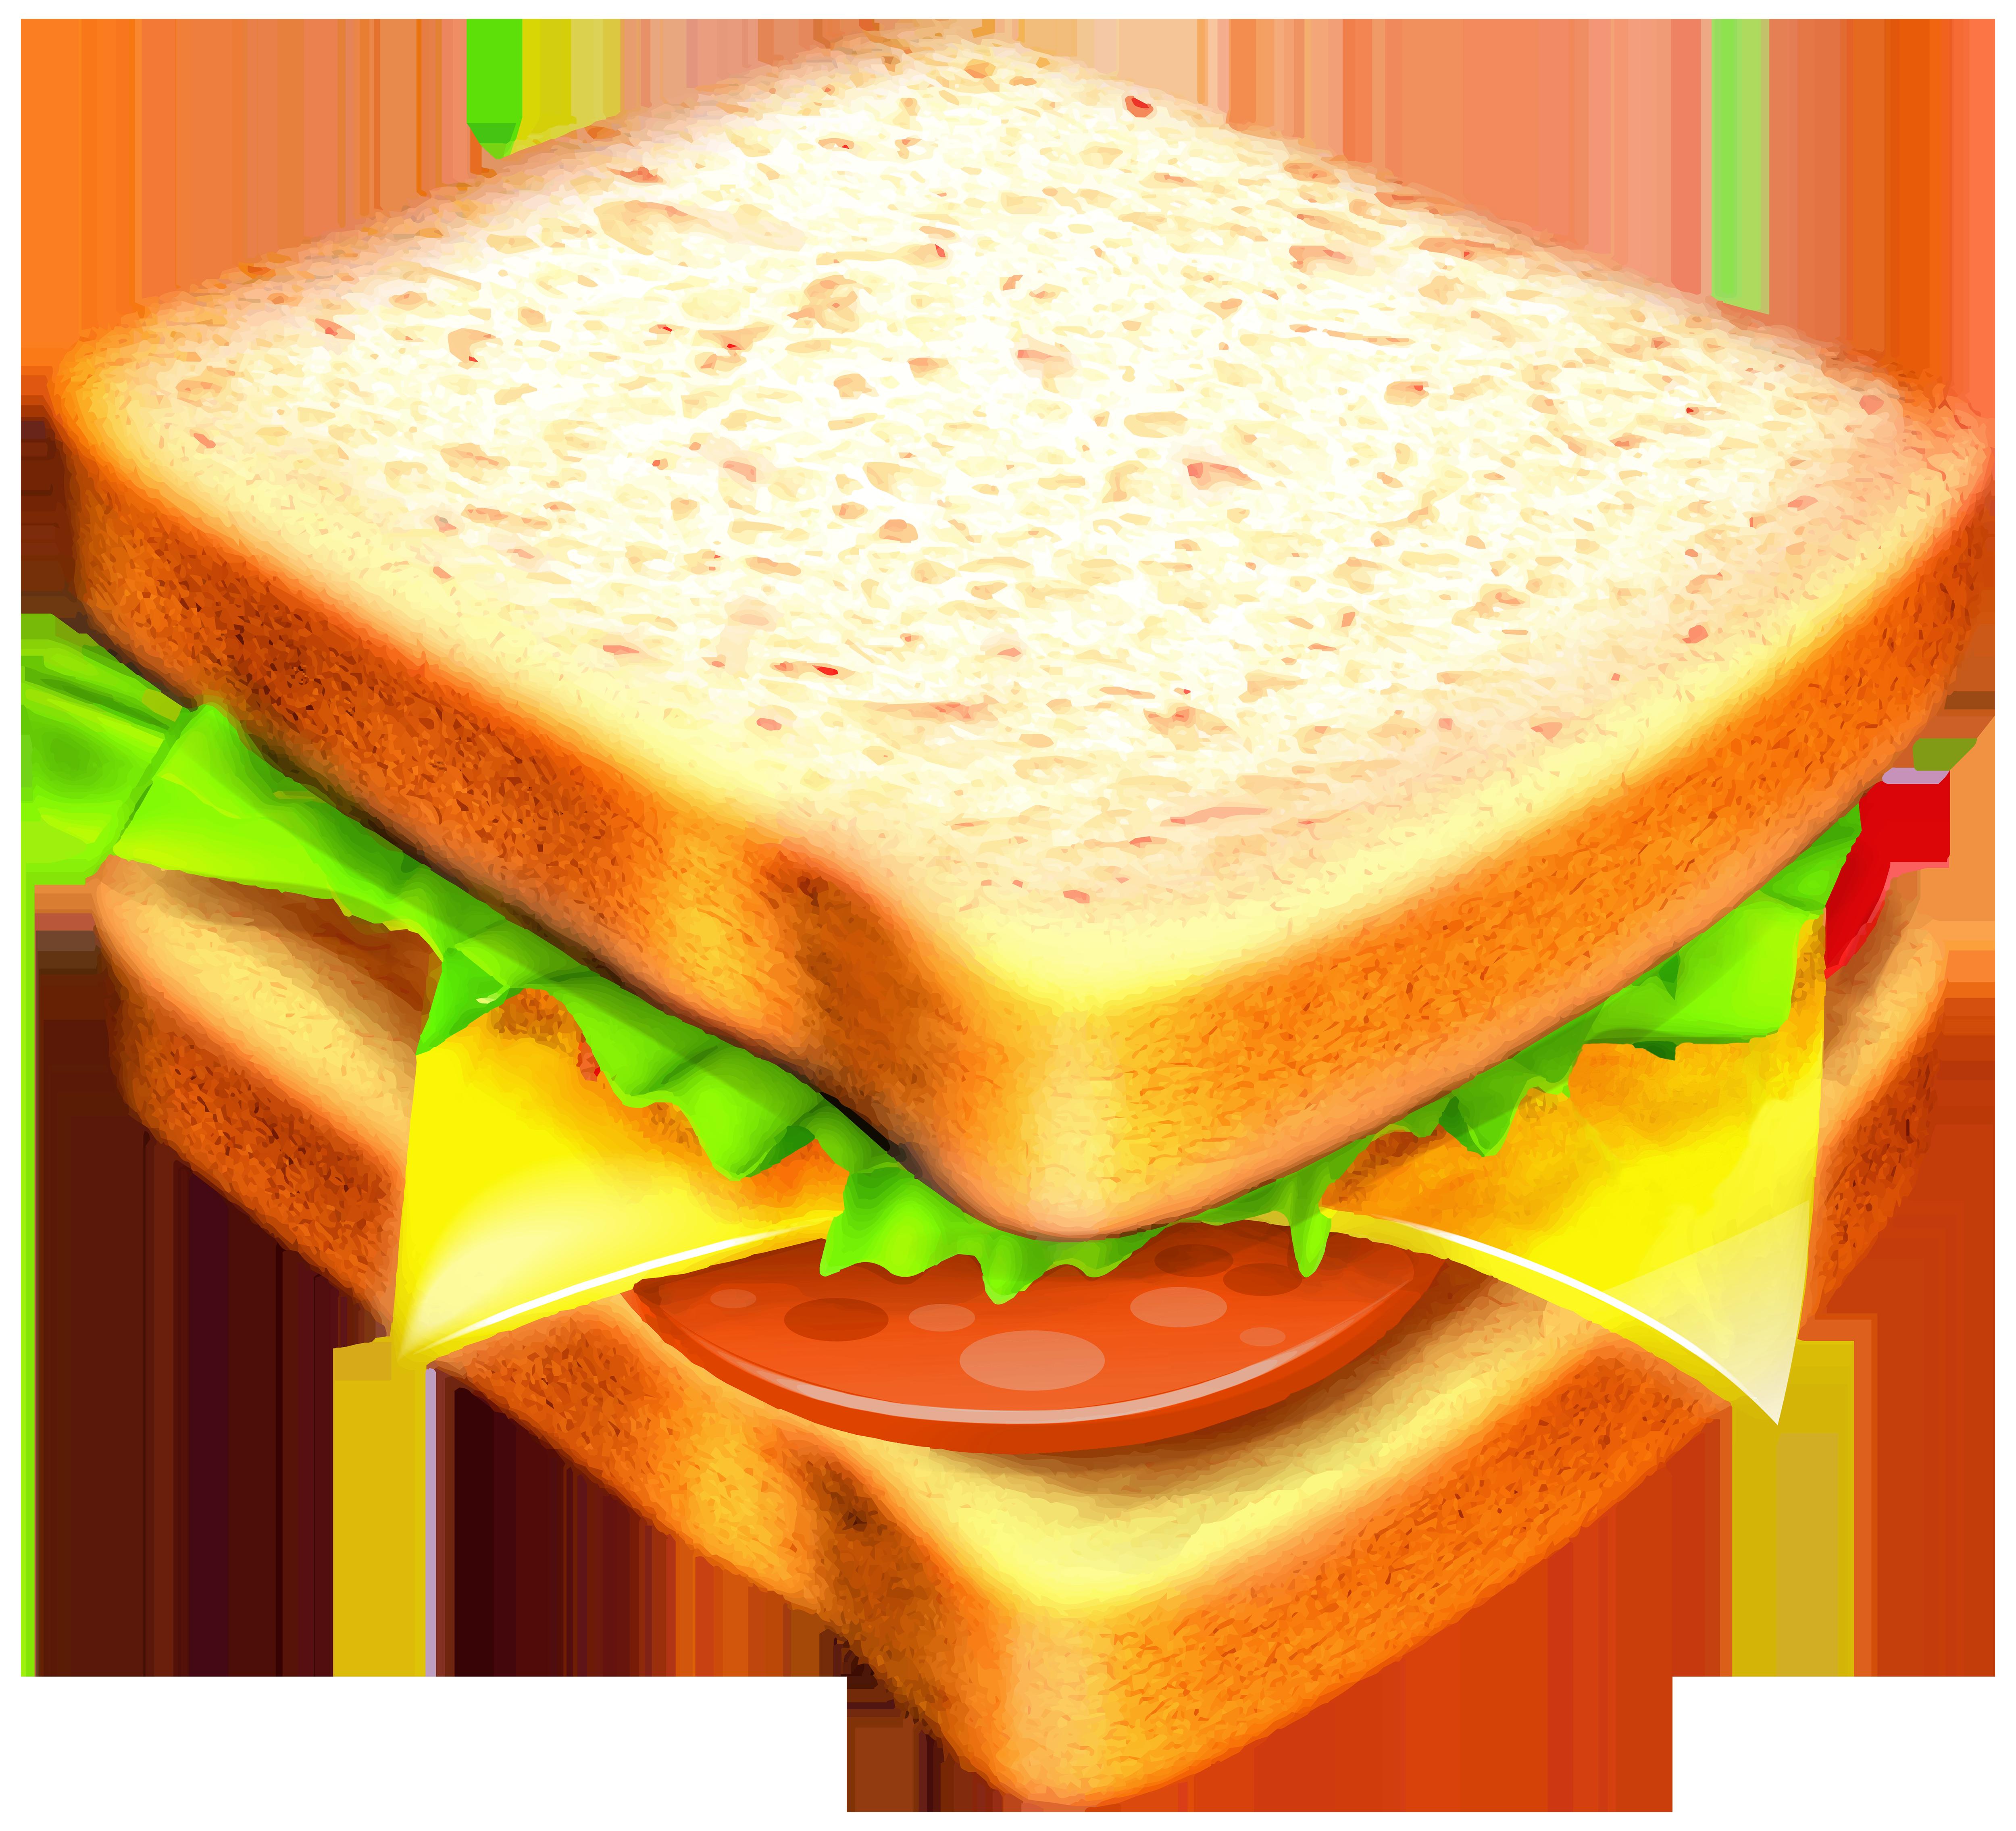 Sandwich Transparent PNG Clipart Image.